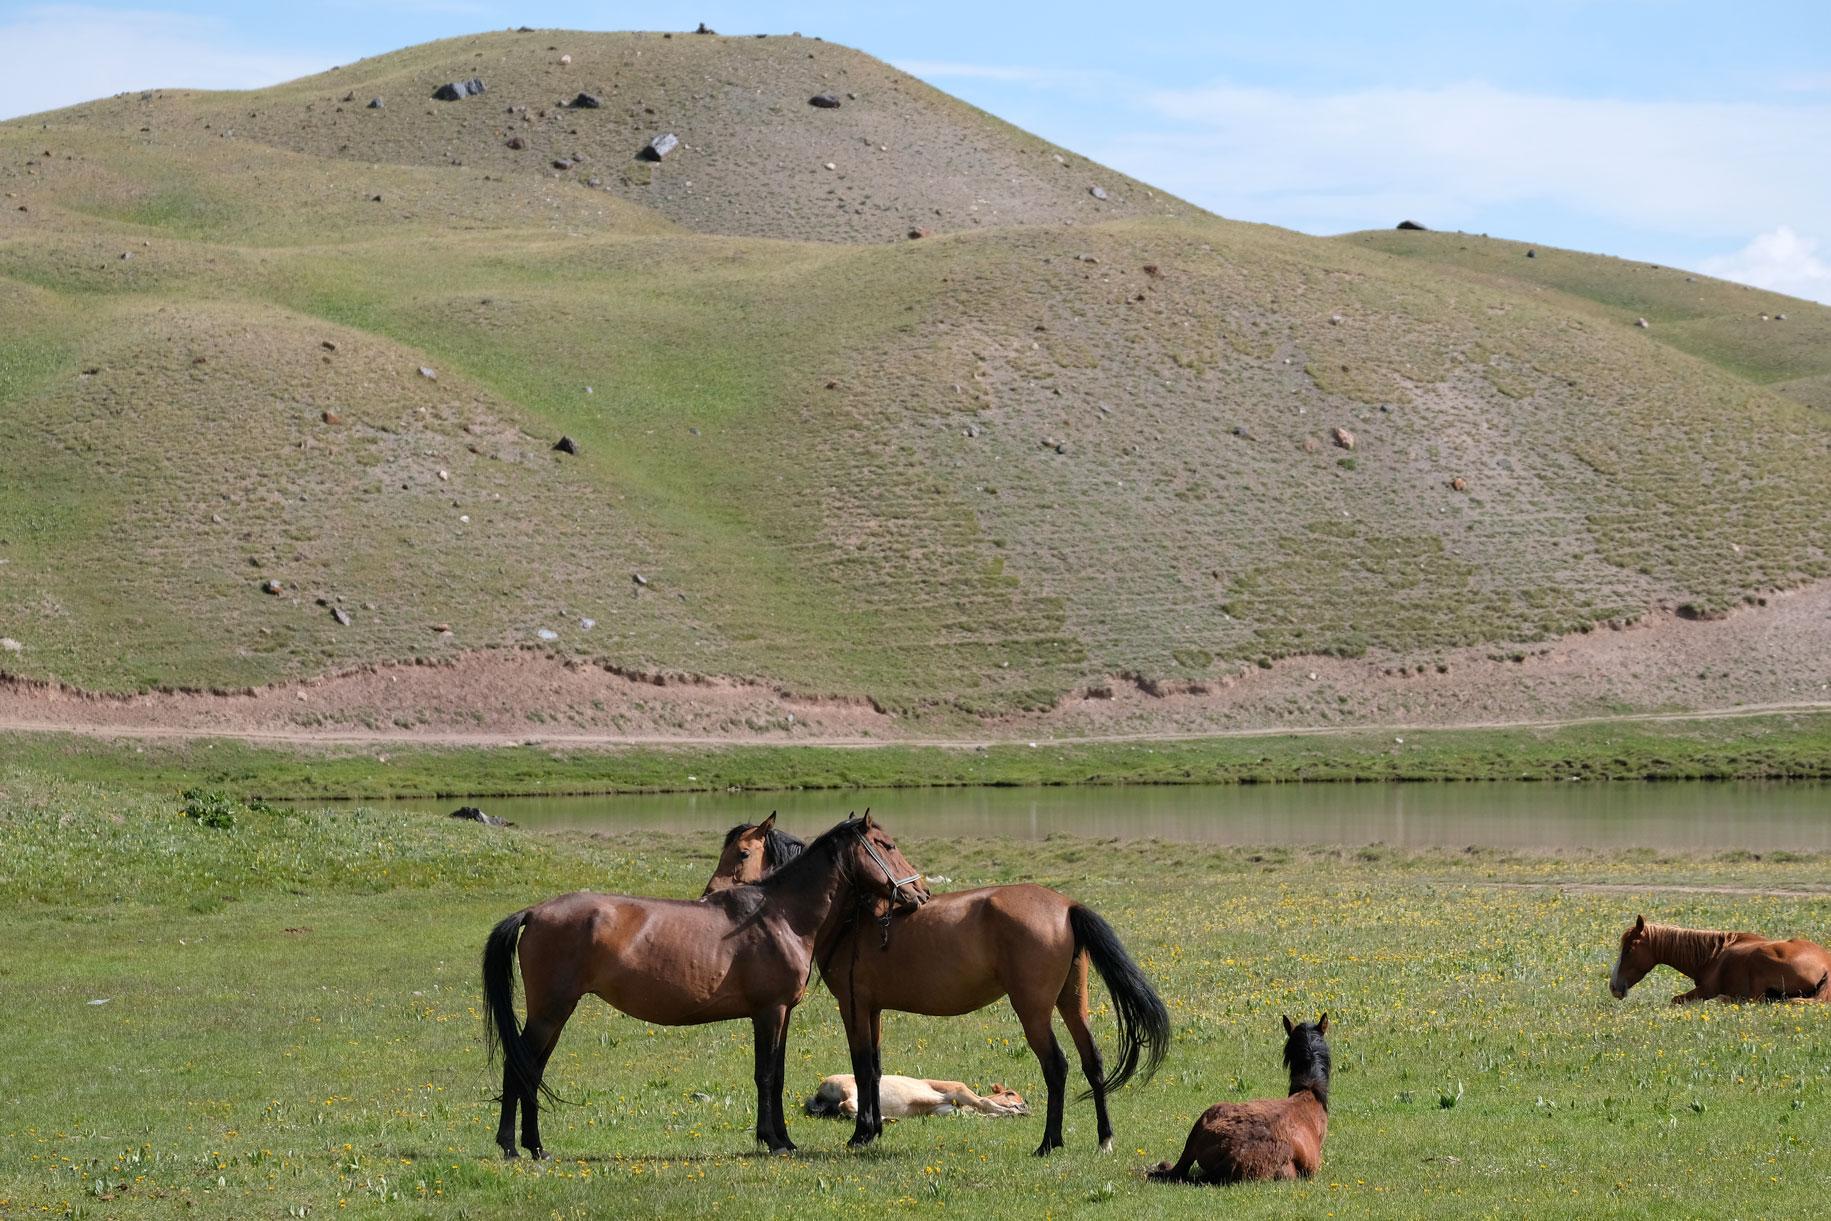 Pferde auf einer Wiese.